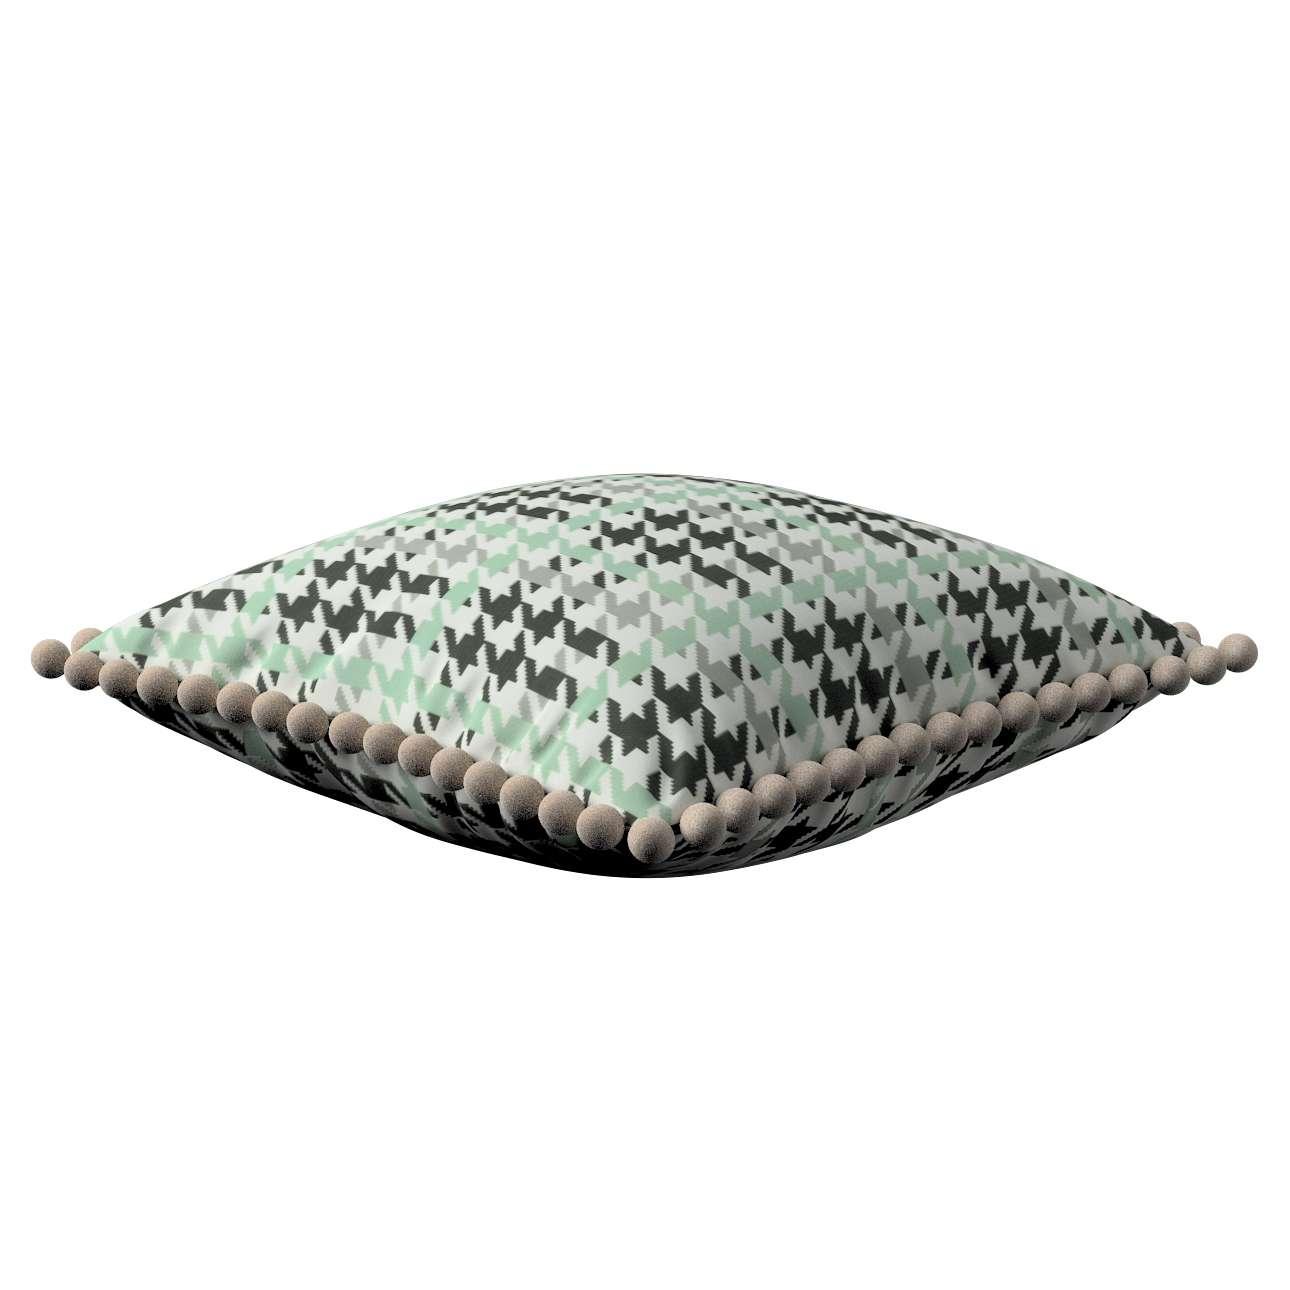 Wera dekoratyvinės pagalvėlės užvalkalas su žaismingais kraštais 45 x 45 cm kolekcijoje Brooklyn, audinys: 137-77